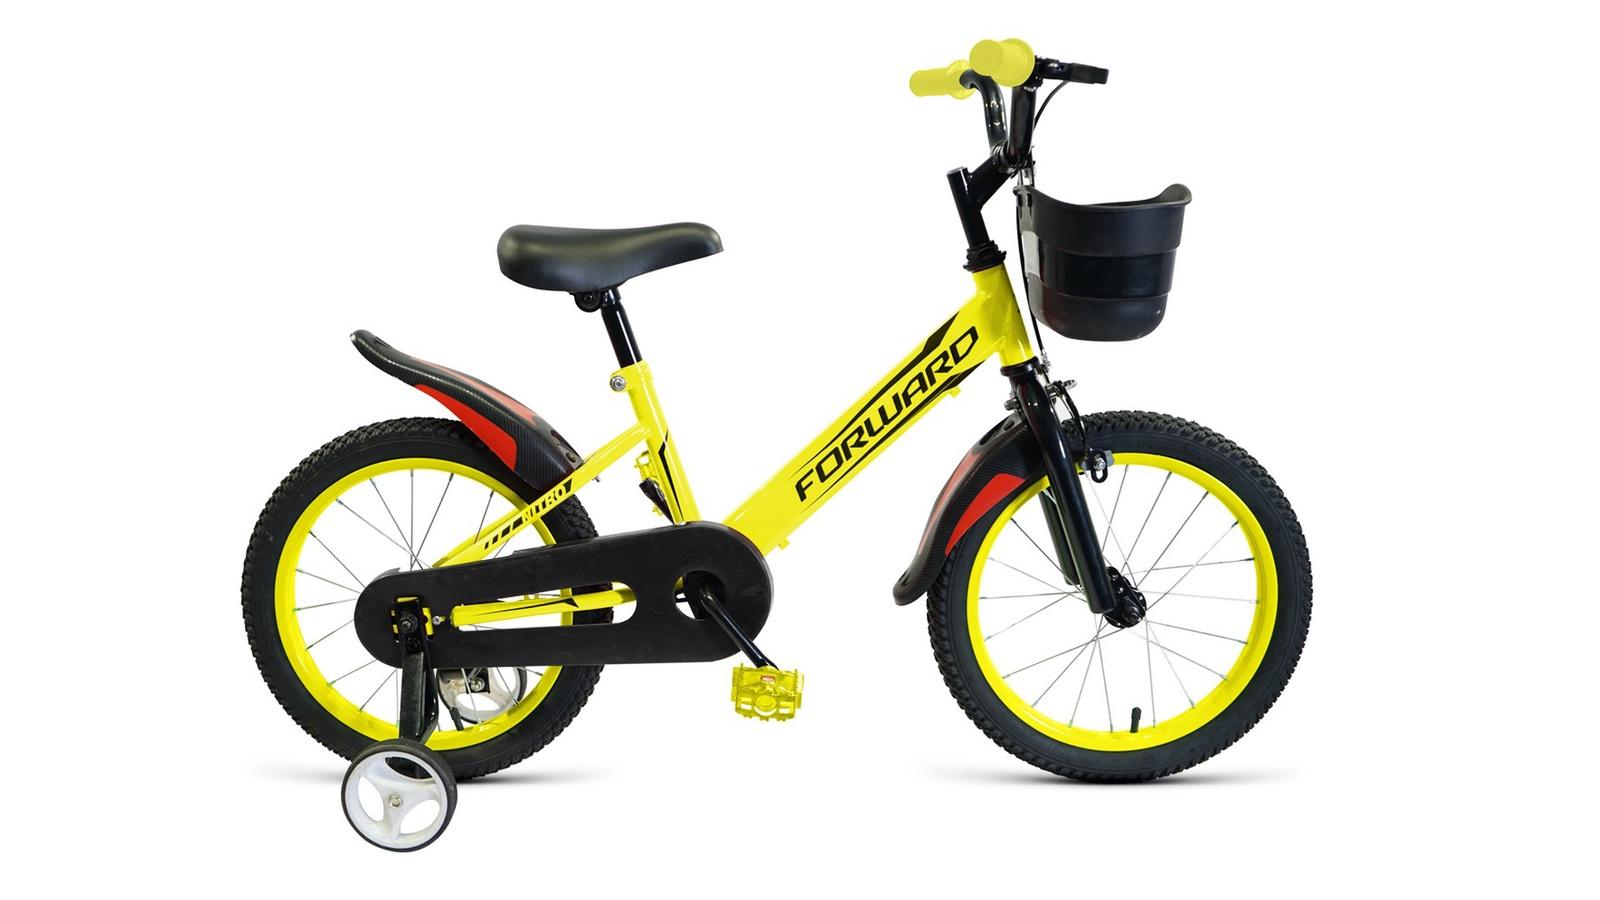 Велосипед Forward Nitro 18 2019 желтый велосипед forward nitro 14 2019